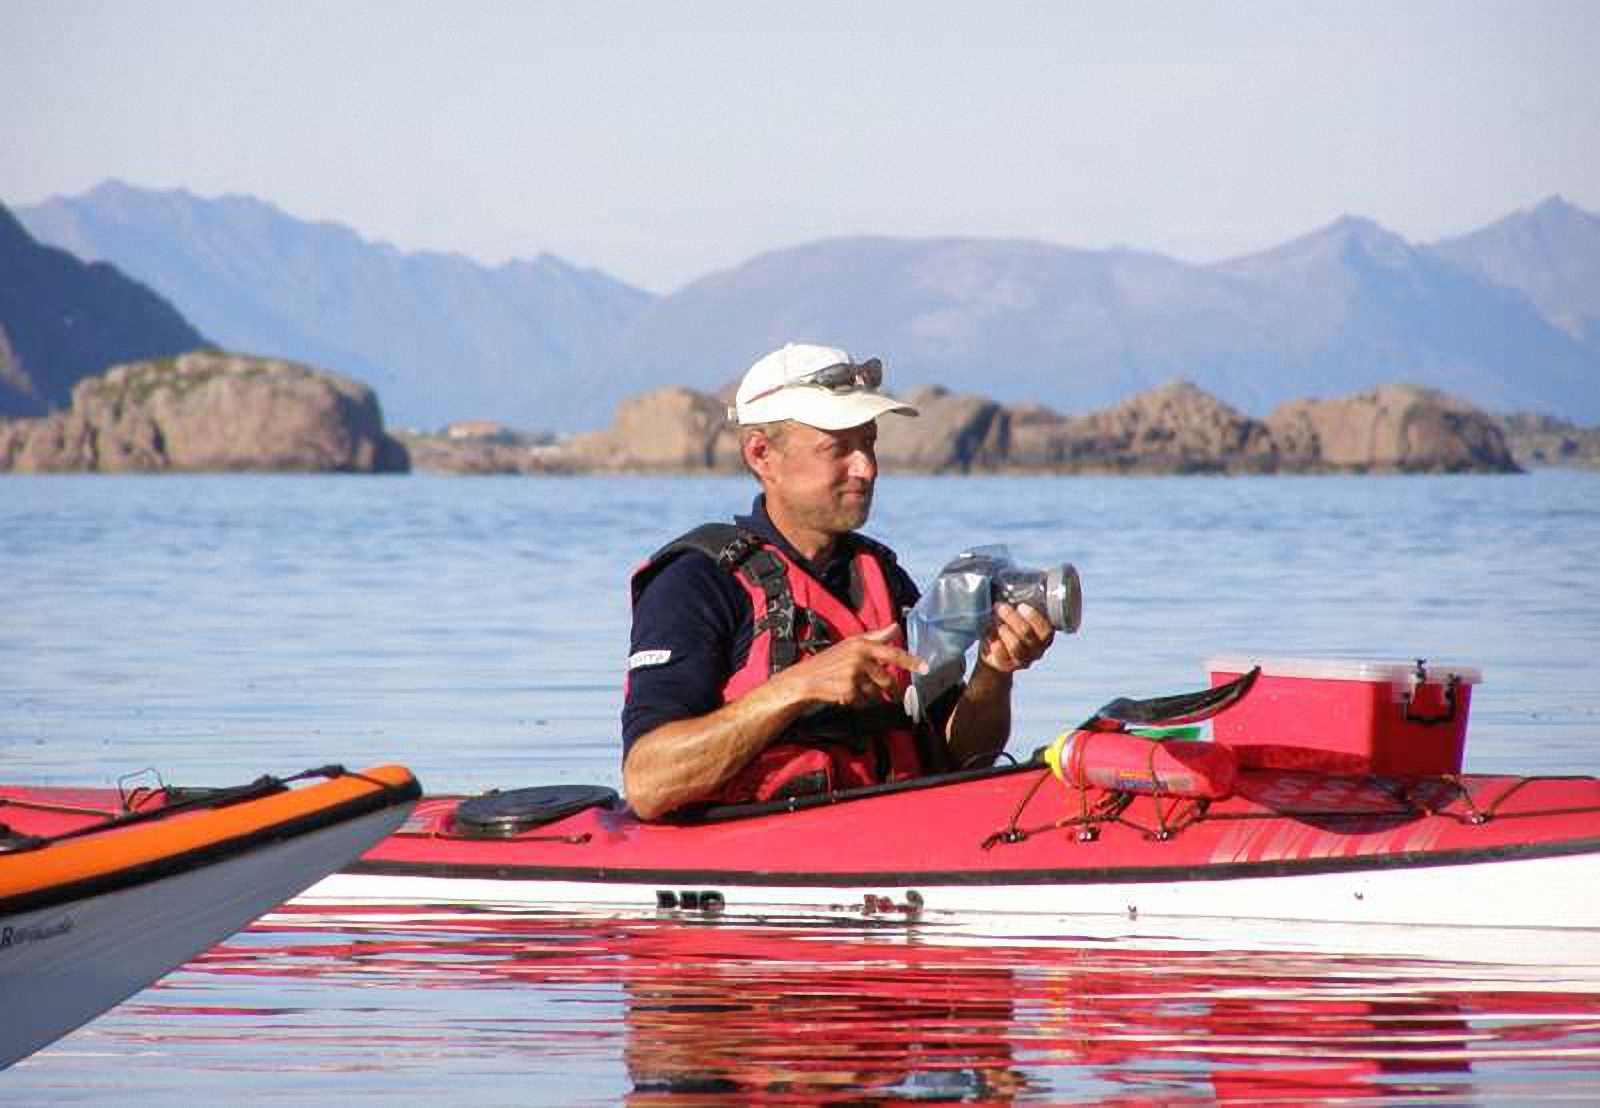 Водонепроницаемый чехол для фотоаппарата - Aquapac 458. Aquapac - №1 в мире водонепроницаемых чехлов и сумок. Фото 3